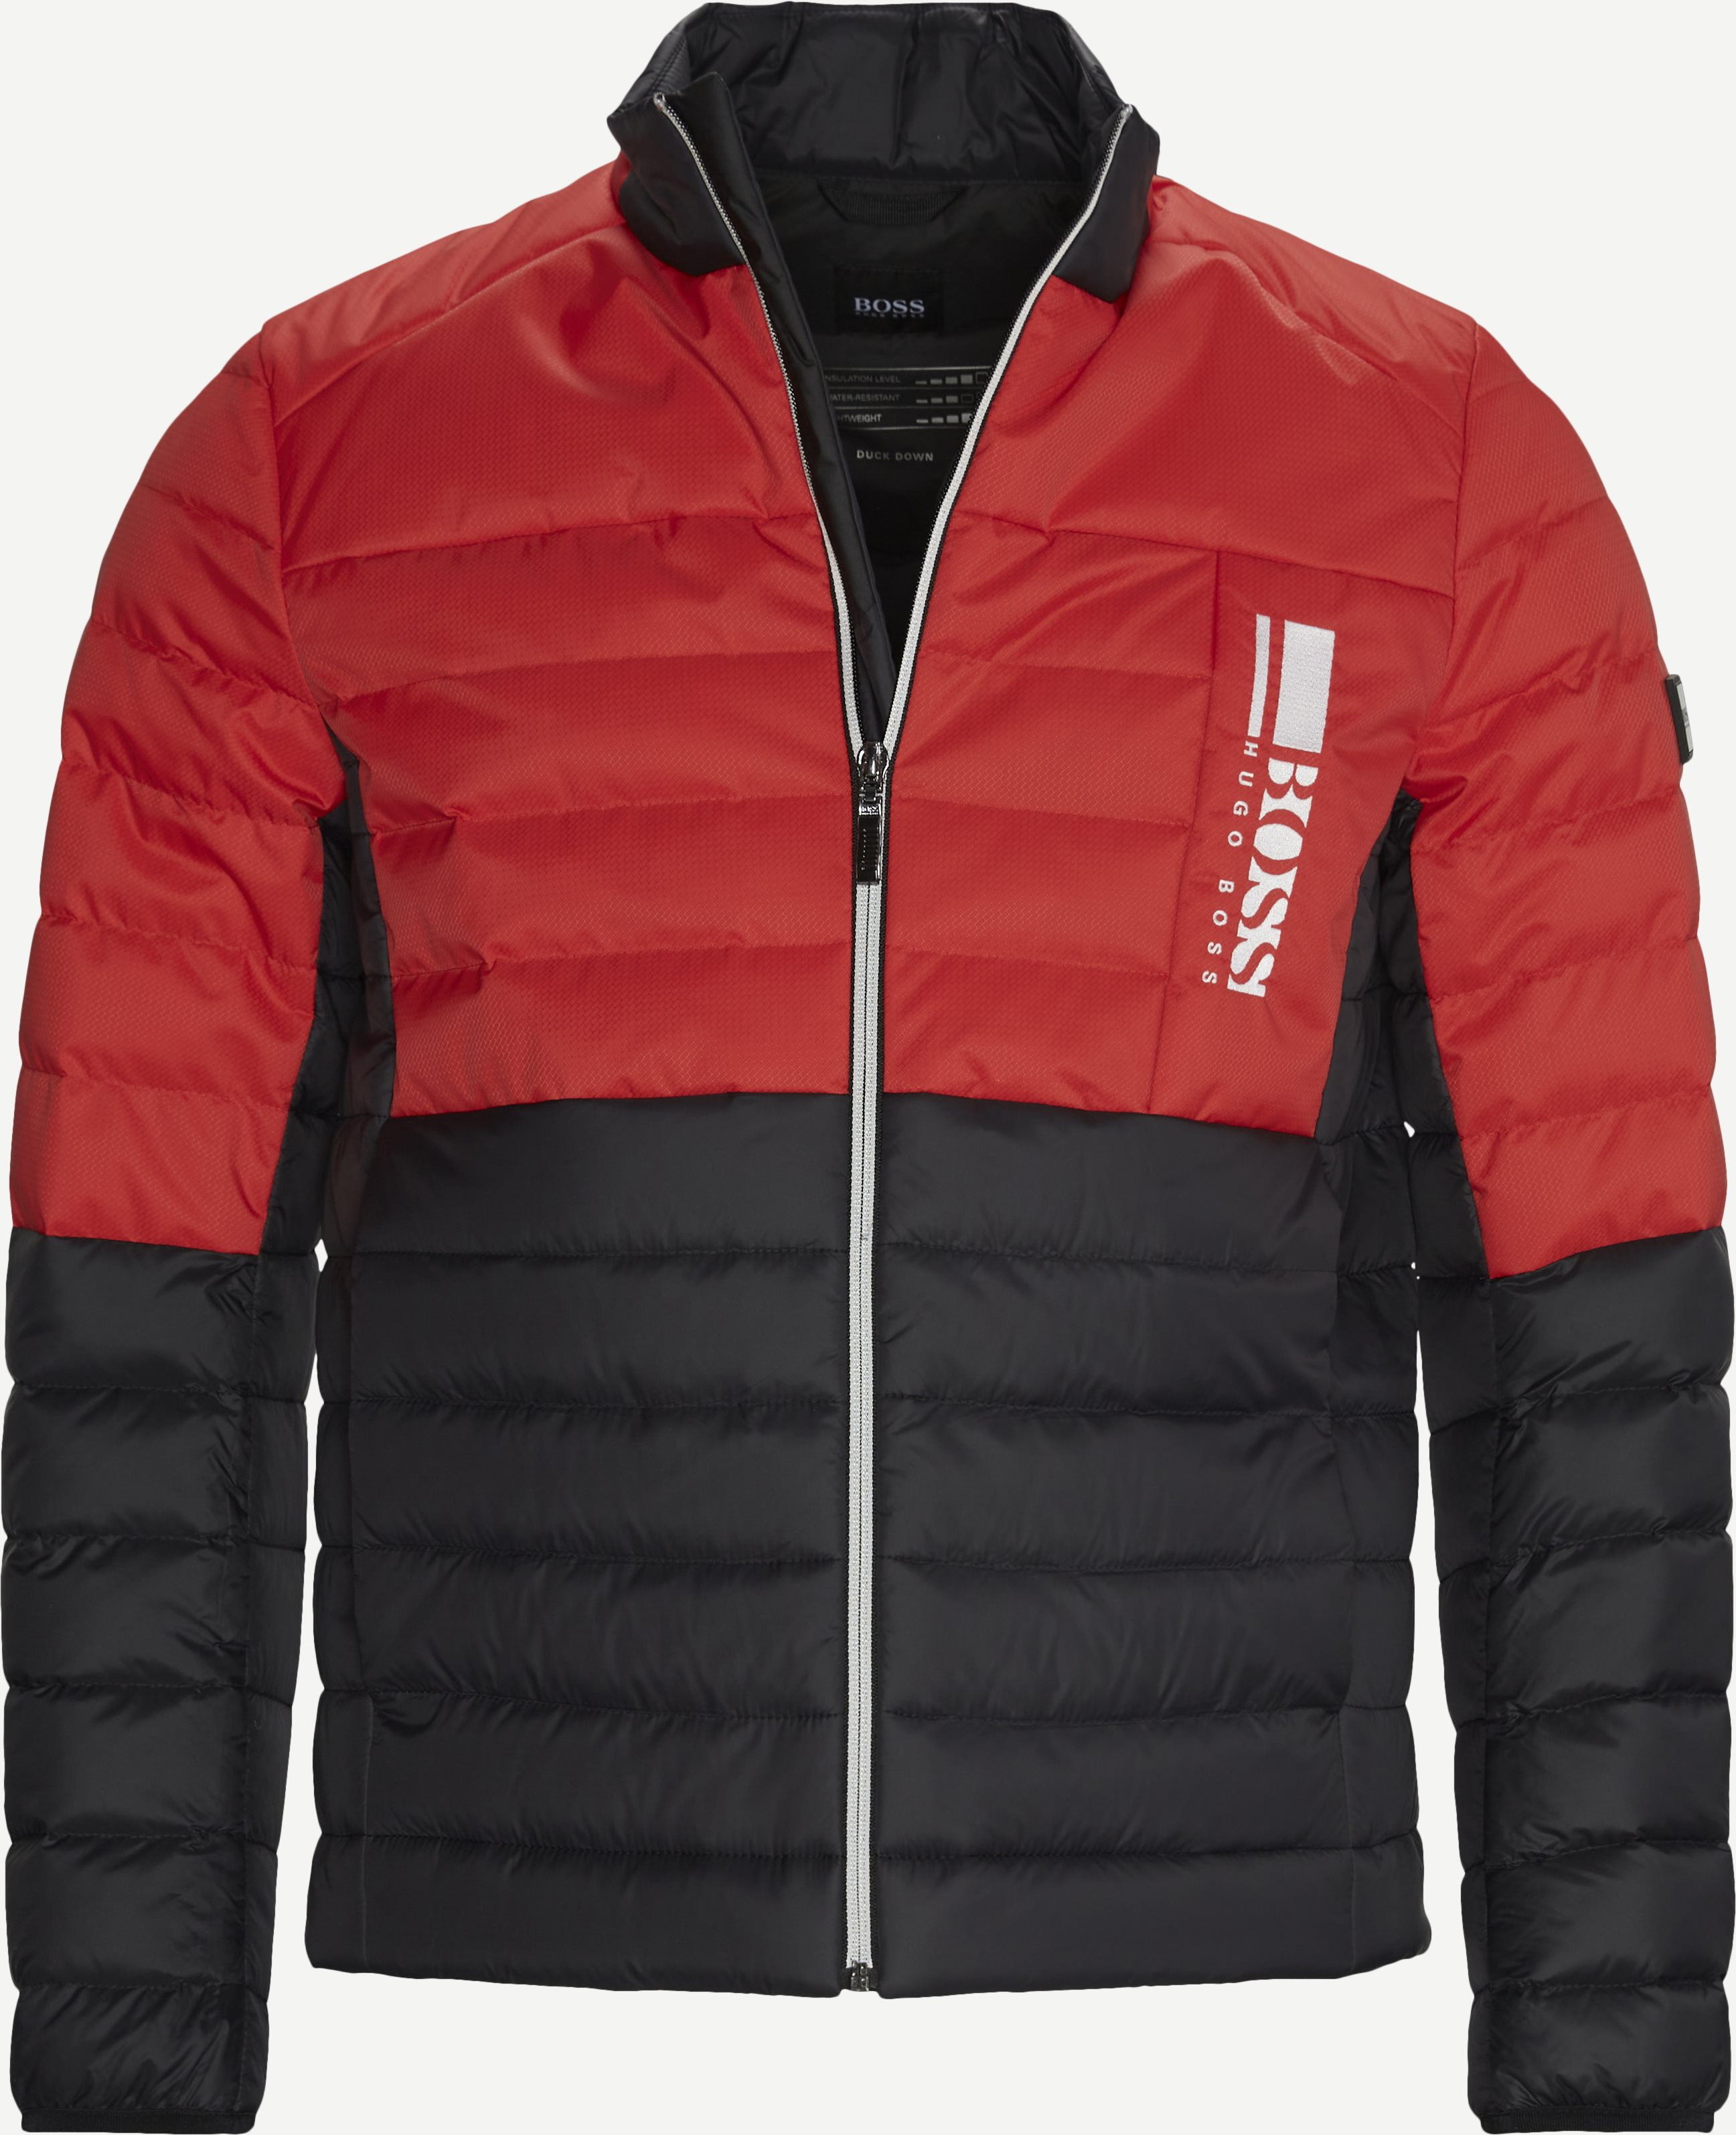 Jackets - Regular - Red